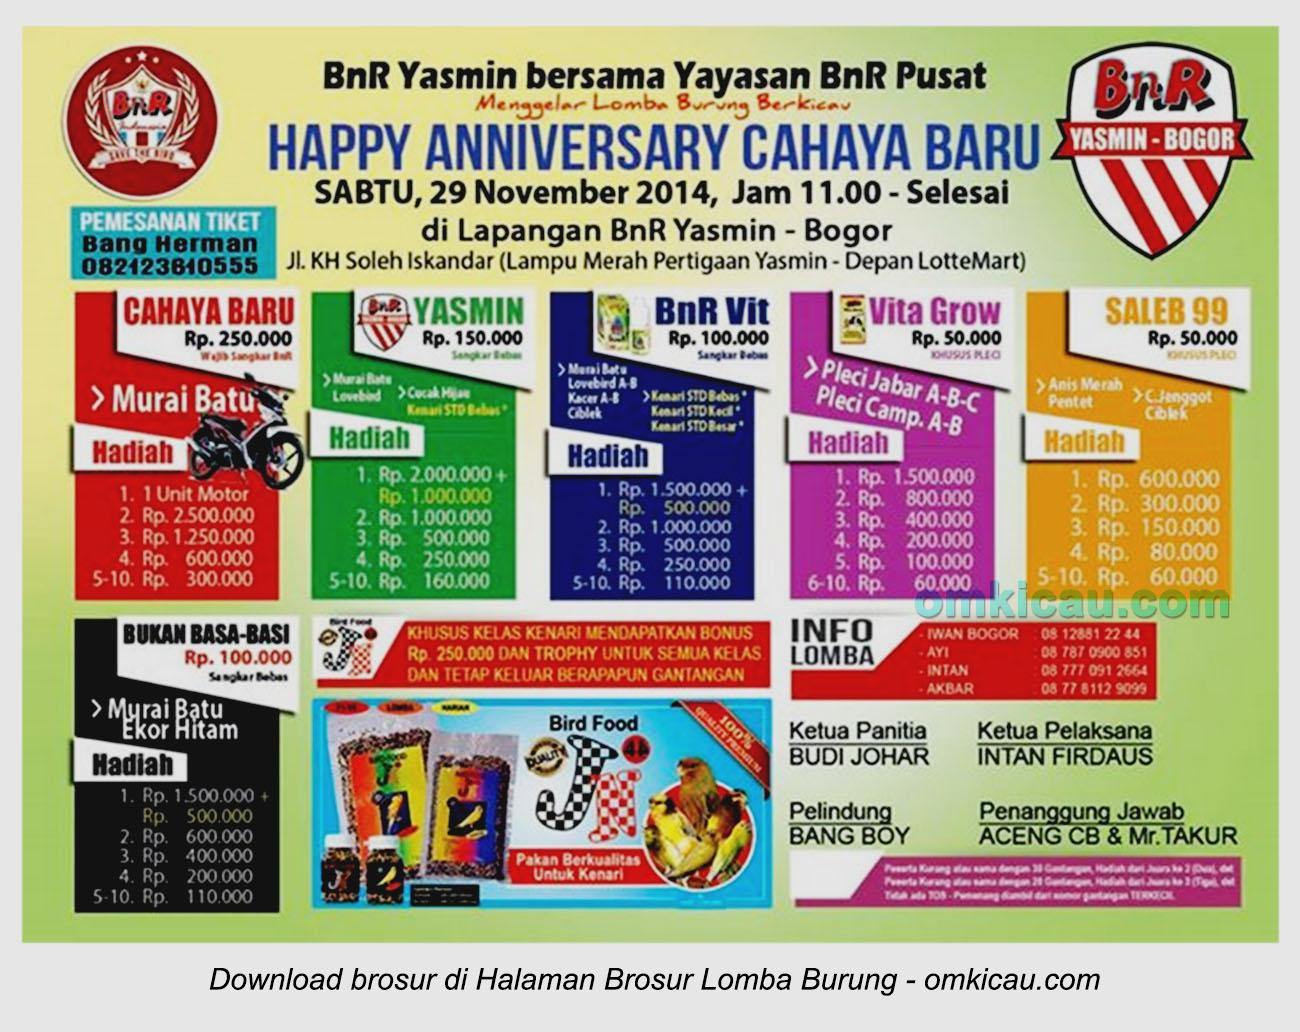 Brosur Lomba Burung Berkicau Happy Anniversary Cahaya Baru, Bogor, 29 November 2014